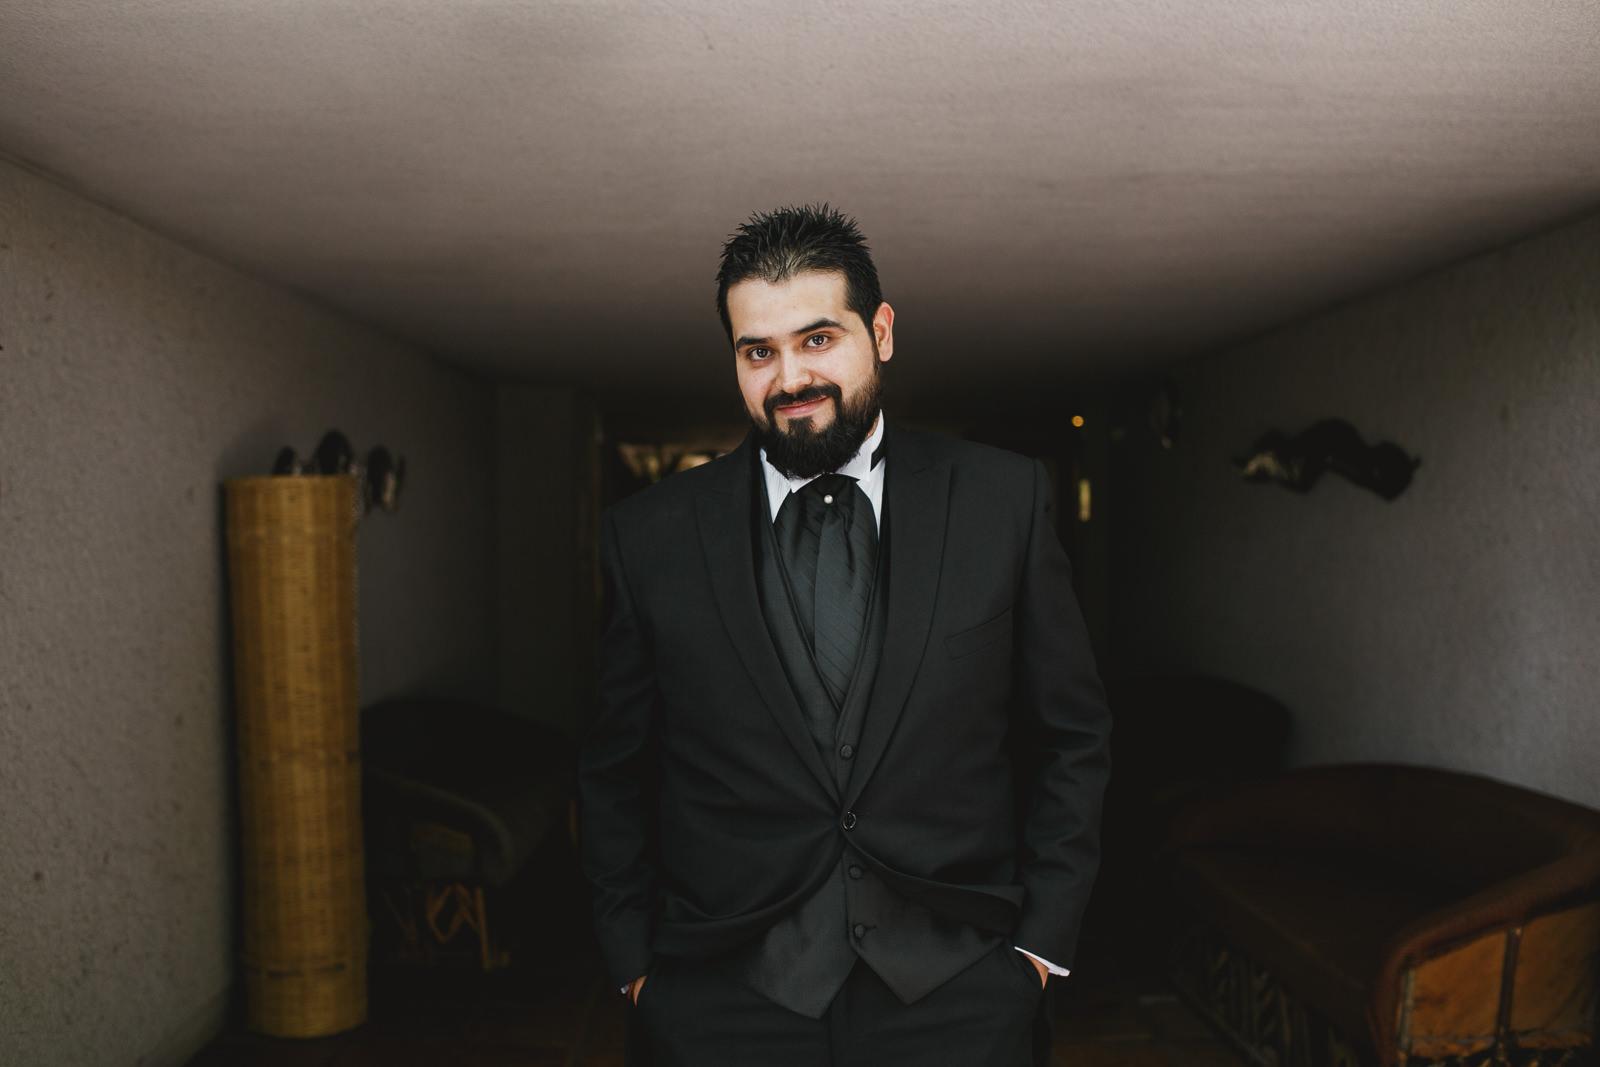 fotografo-de-bodas-san-miguel-de-allende-007